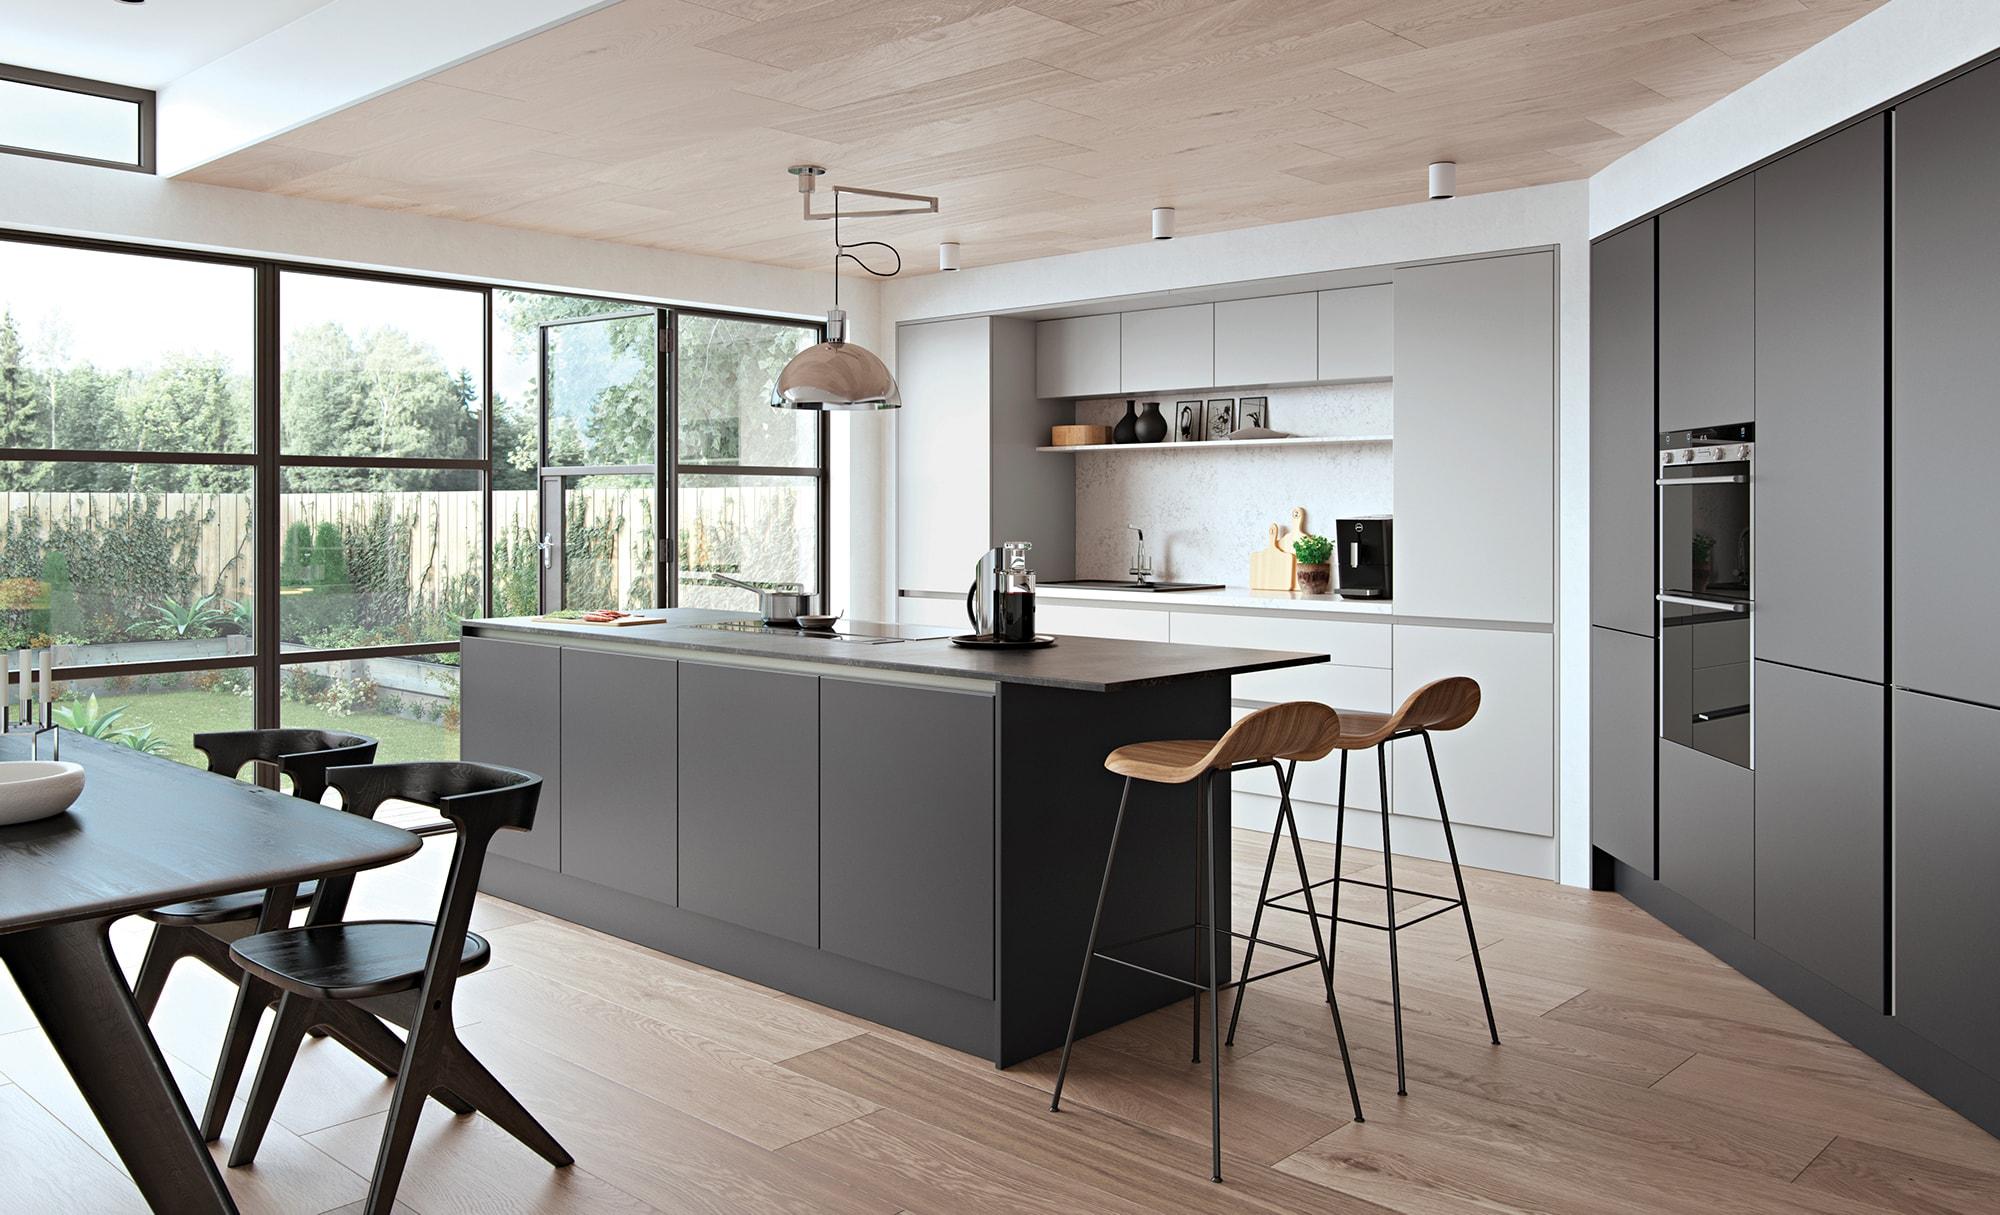 Modern Contemporary Zola Matte Graphite Light Grey Kitchen - Kitchen Design - Alan Kelly Kitchens - Waterford